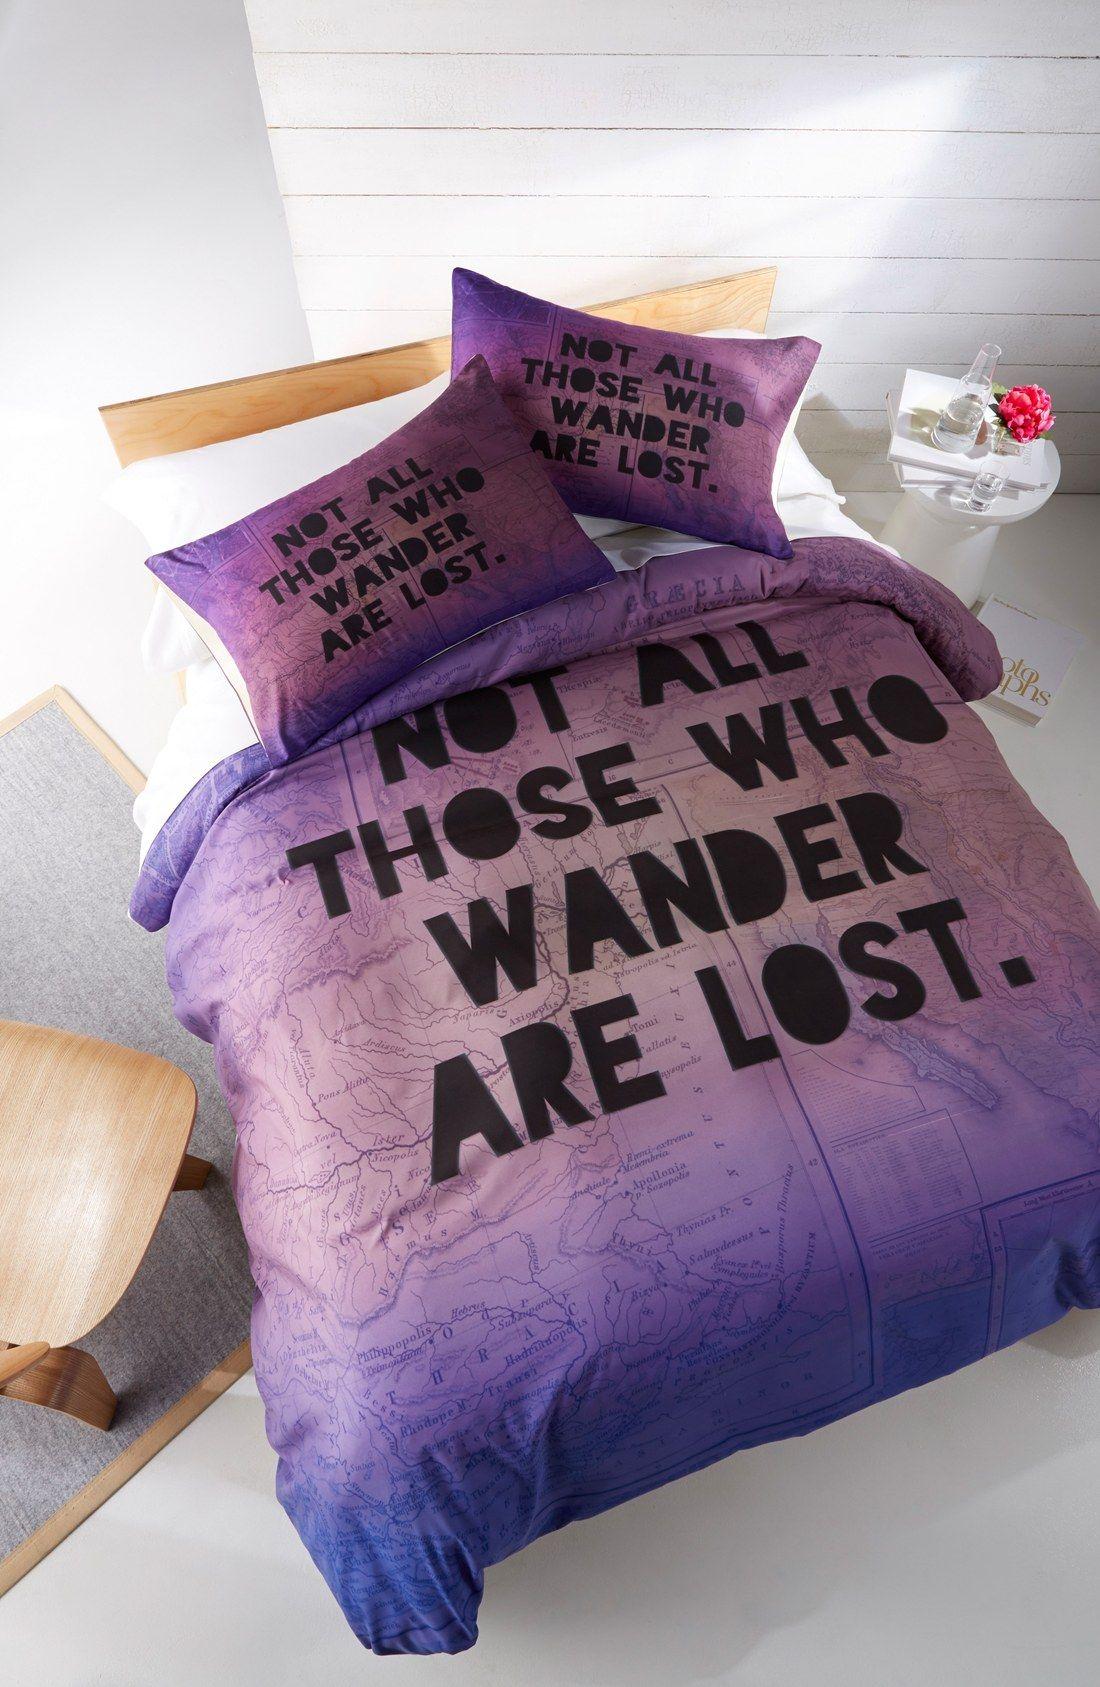 DENY Designs 'Those Who Wander' Duvet Cover Set | Lost, Duvet ...